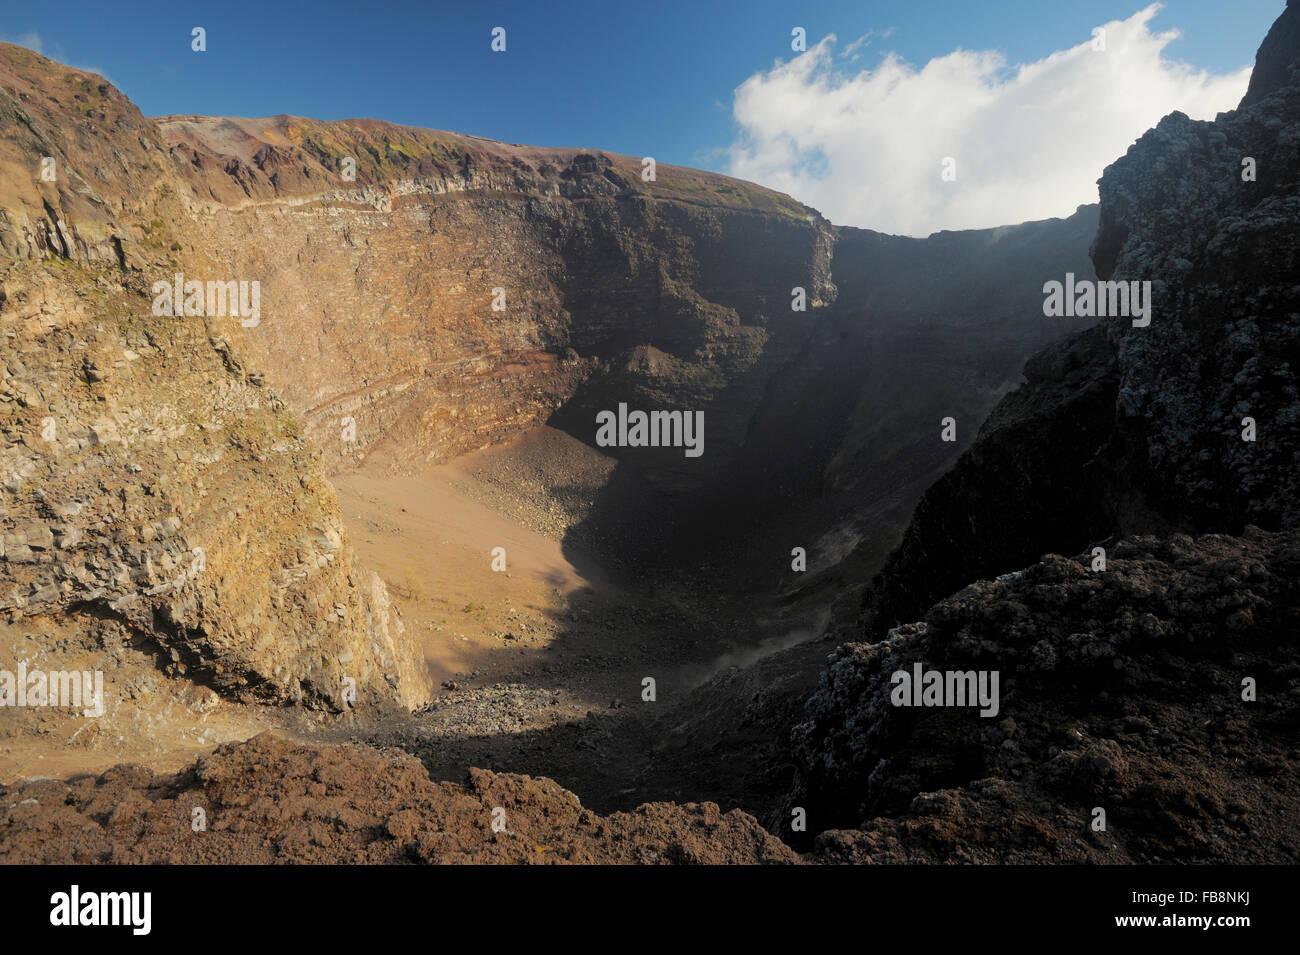 Gran Cono, Monte Vesuvio, Parco Nazionale del Vesuvio, Campania, Italy - Stock Image